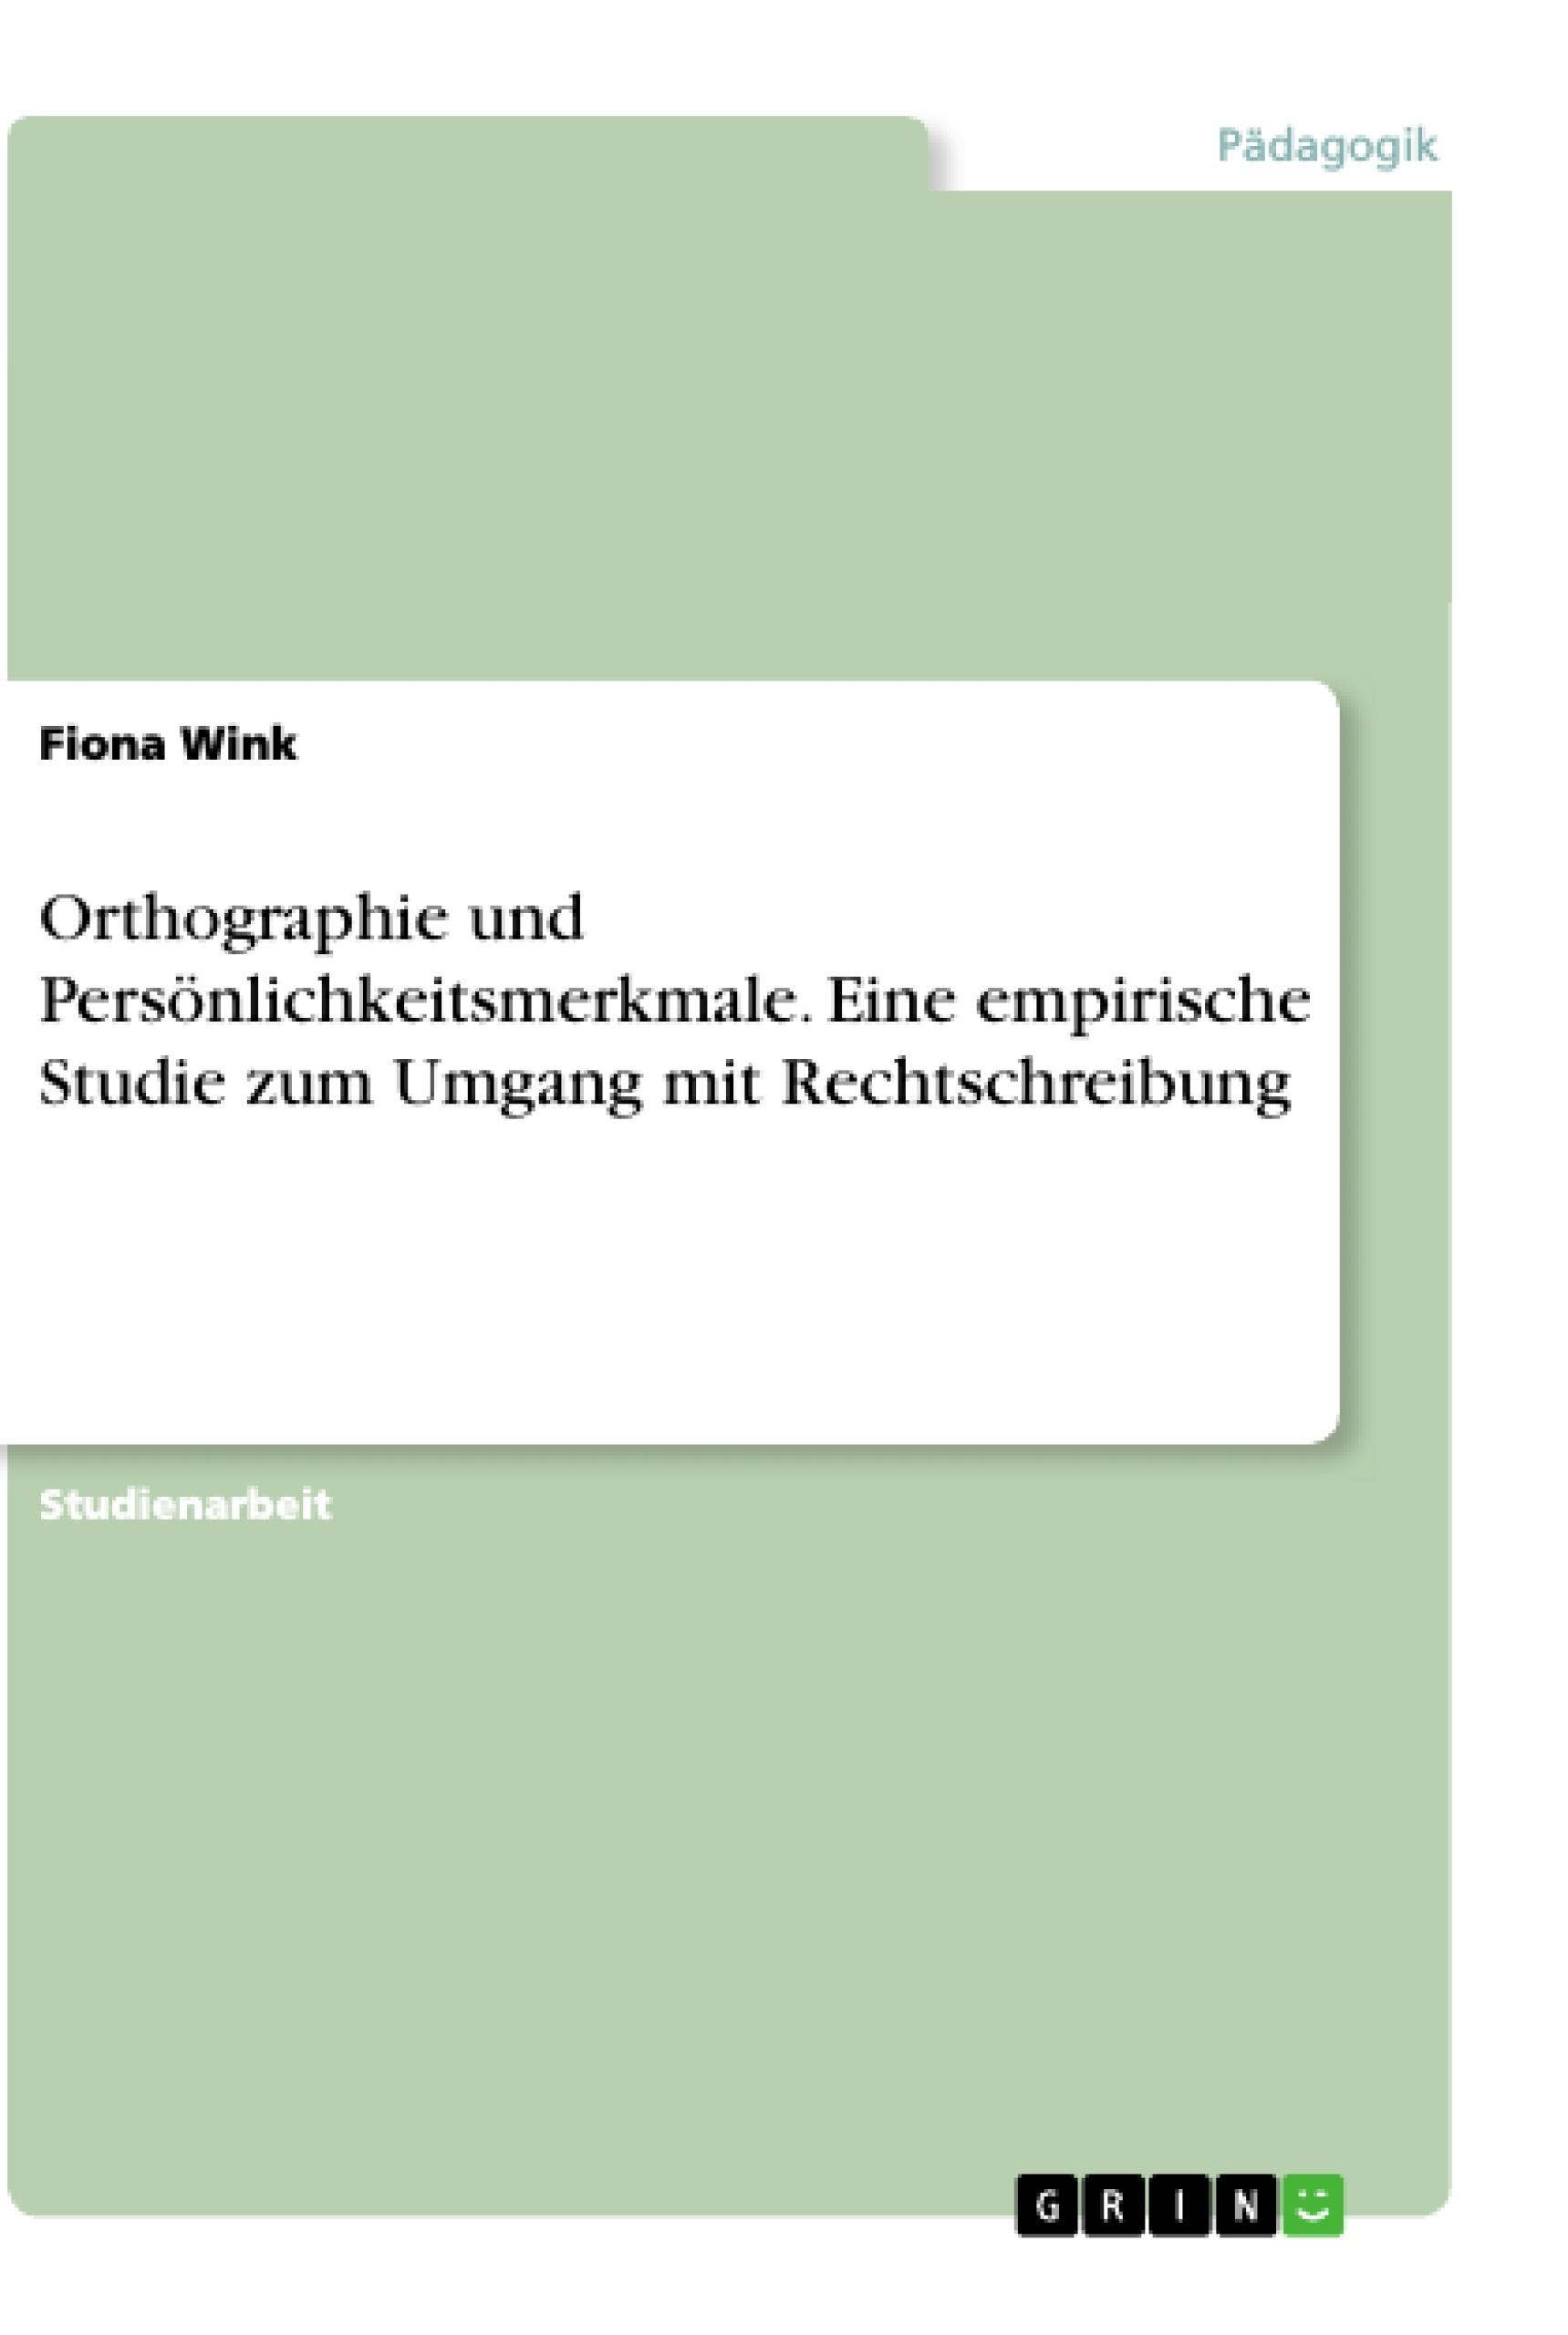 Titel: Orthographie und Persönlichkeitsmerkmale. Eine empirische Studie zum Umgang mit Rechtschreibung